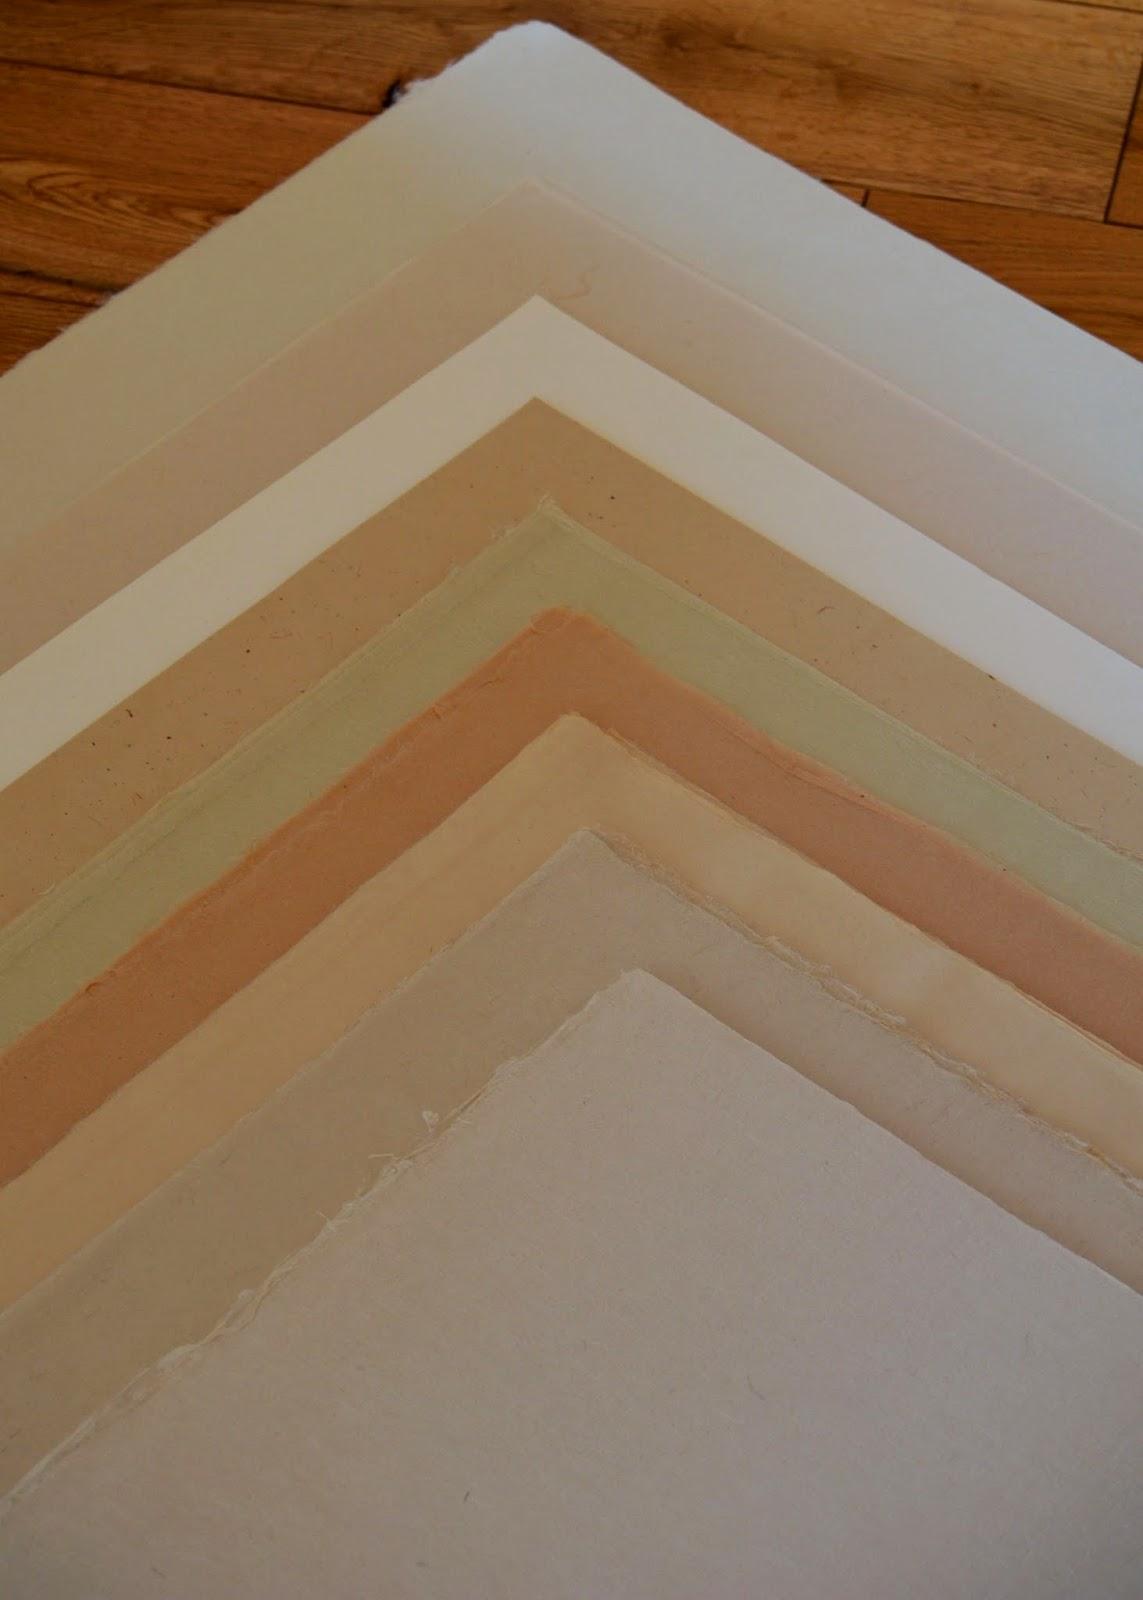 Papier japonais en fibres naturelle, kozo